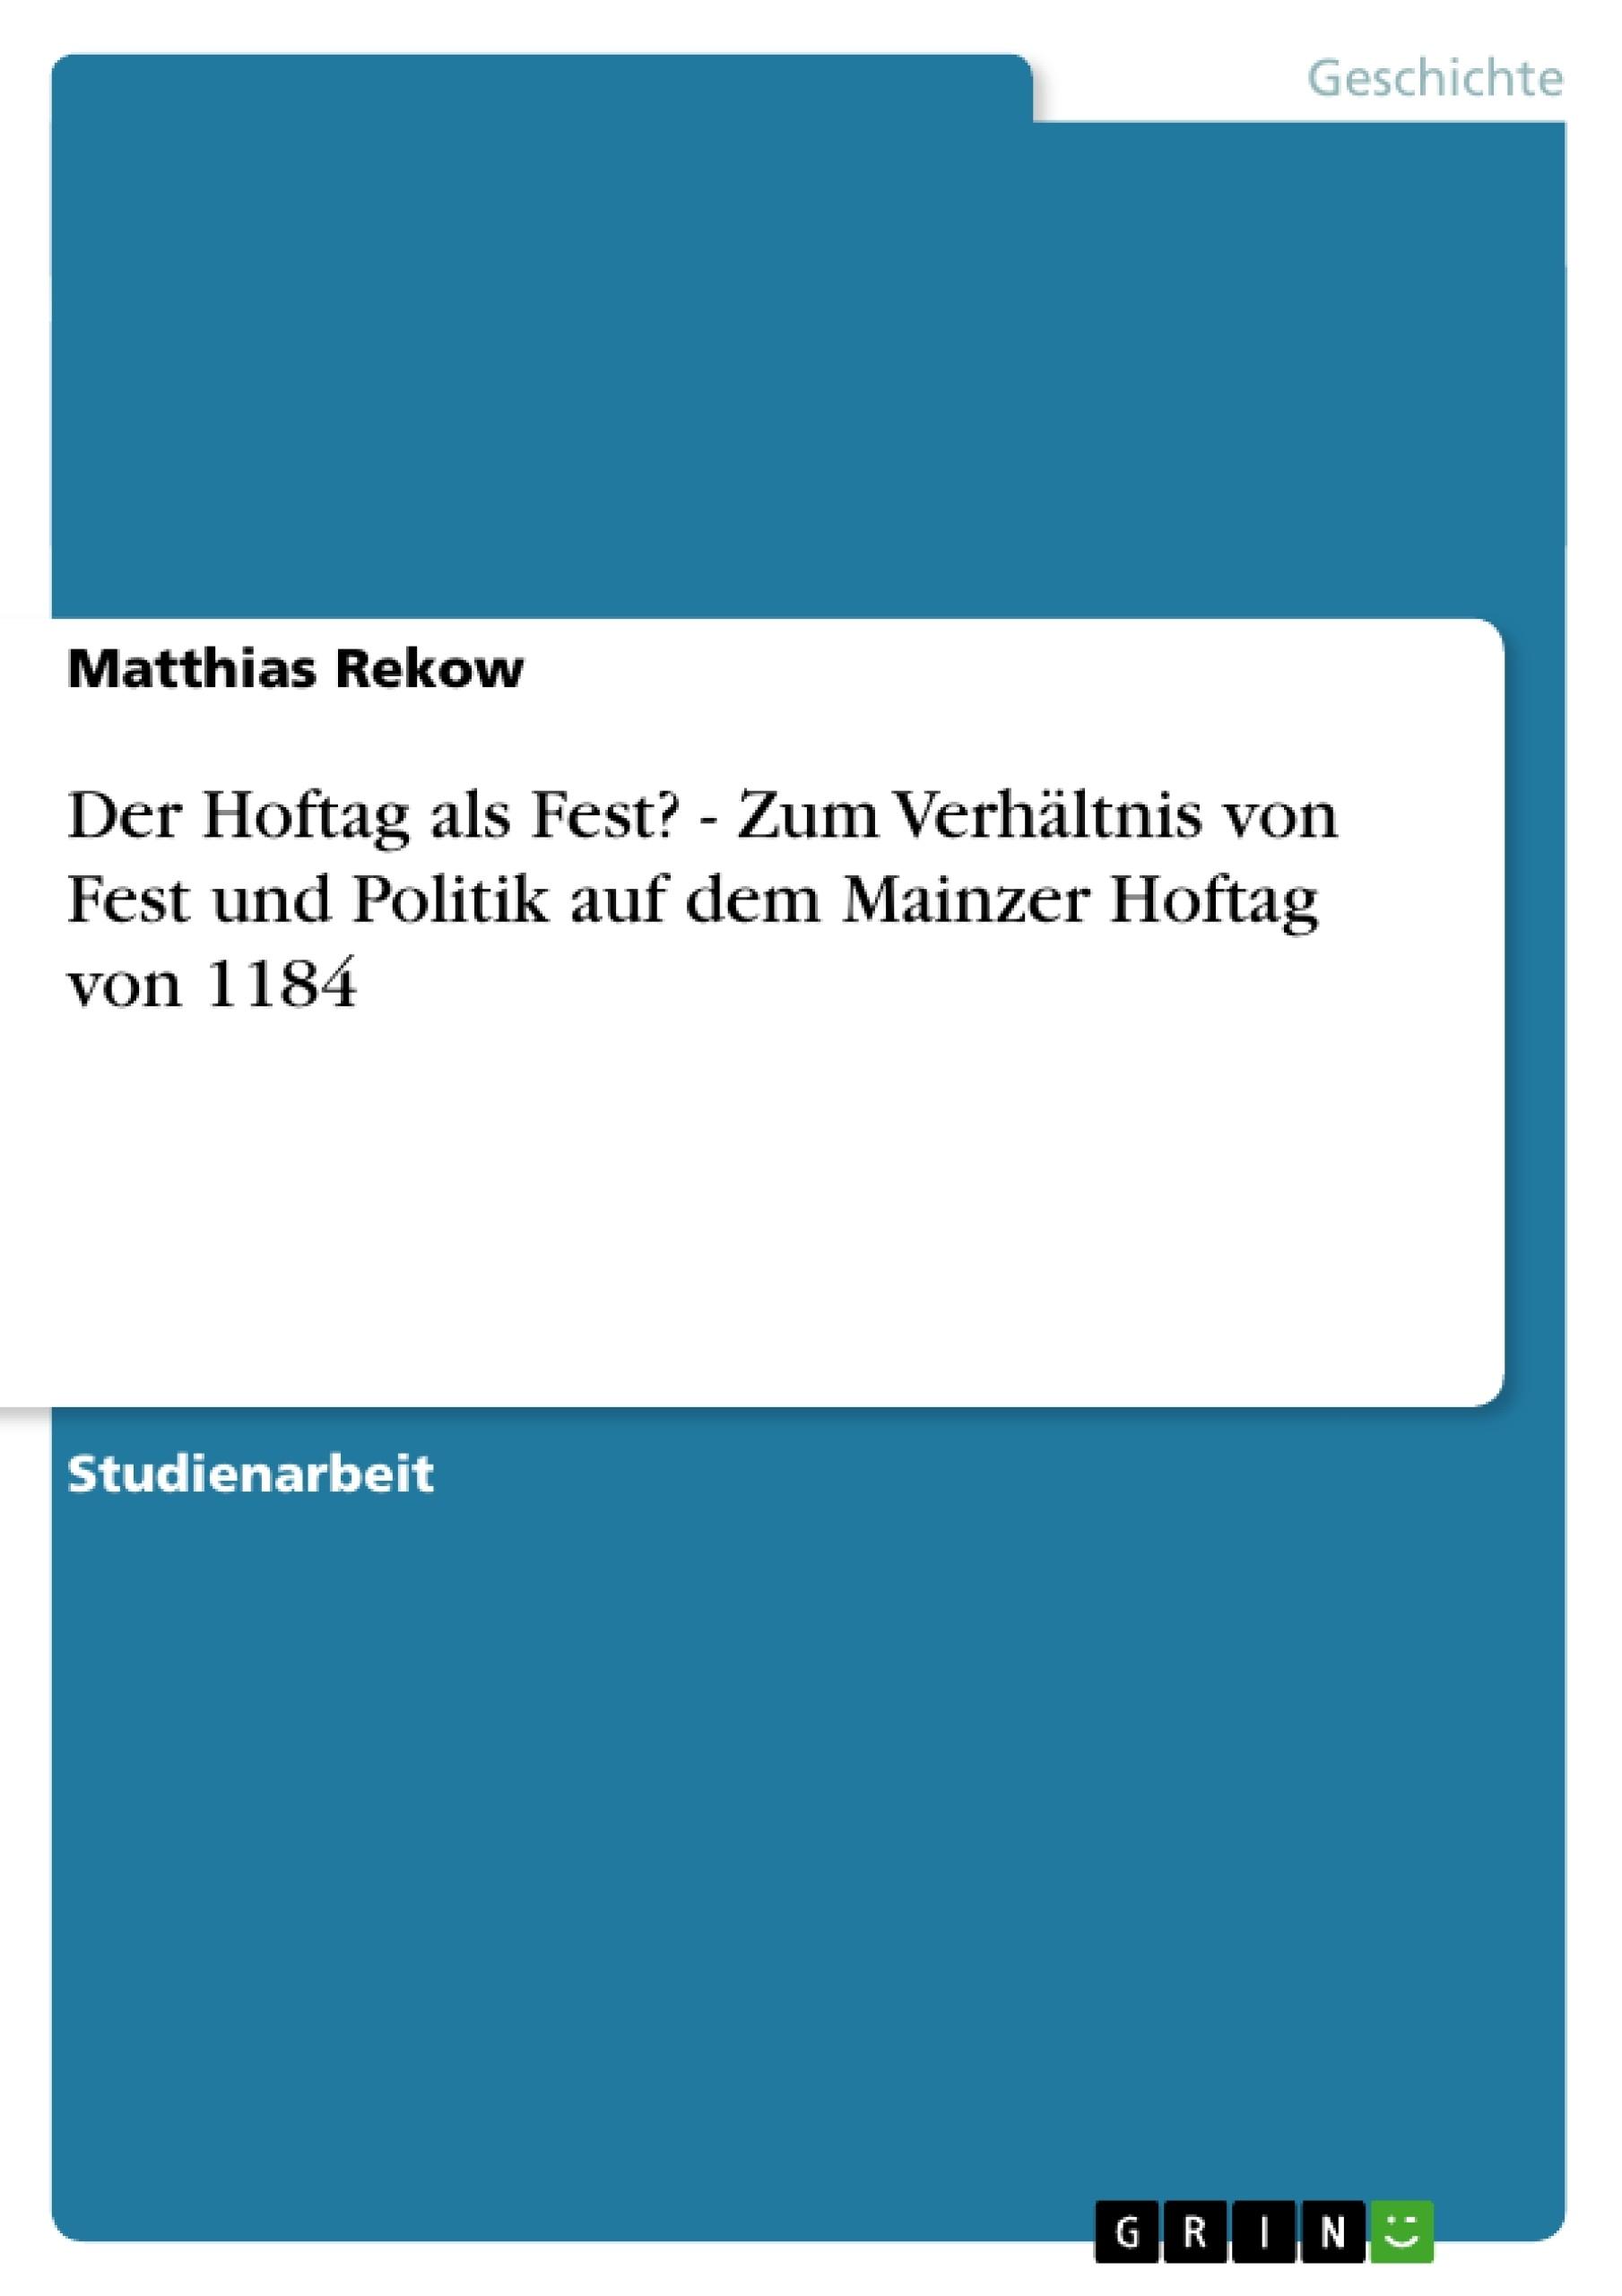 Titel: Der Hoftag als Fest? - Zum Verhältnis von Fest und Politik auf dem Mainzer Hoftag von 1184